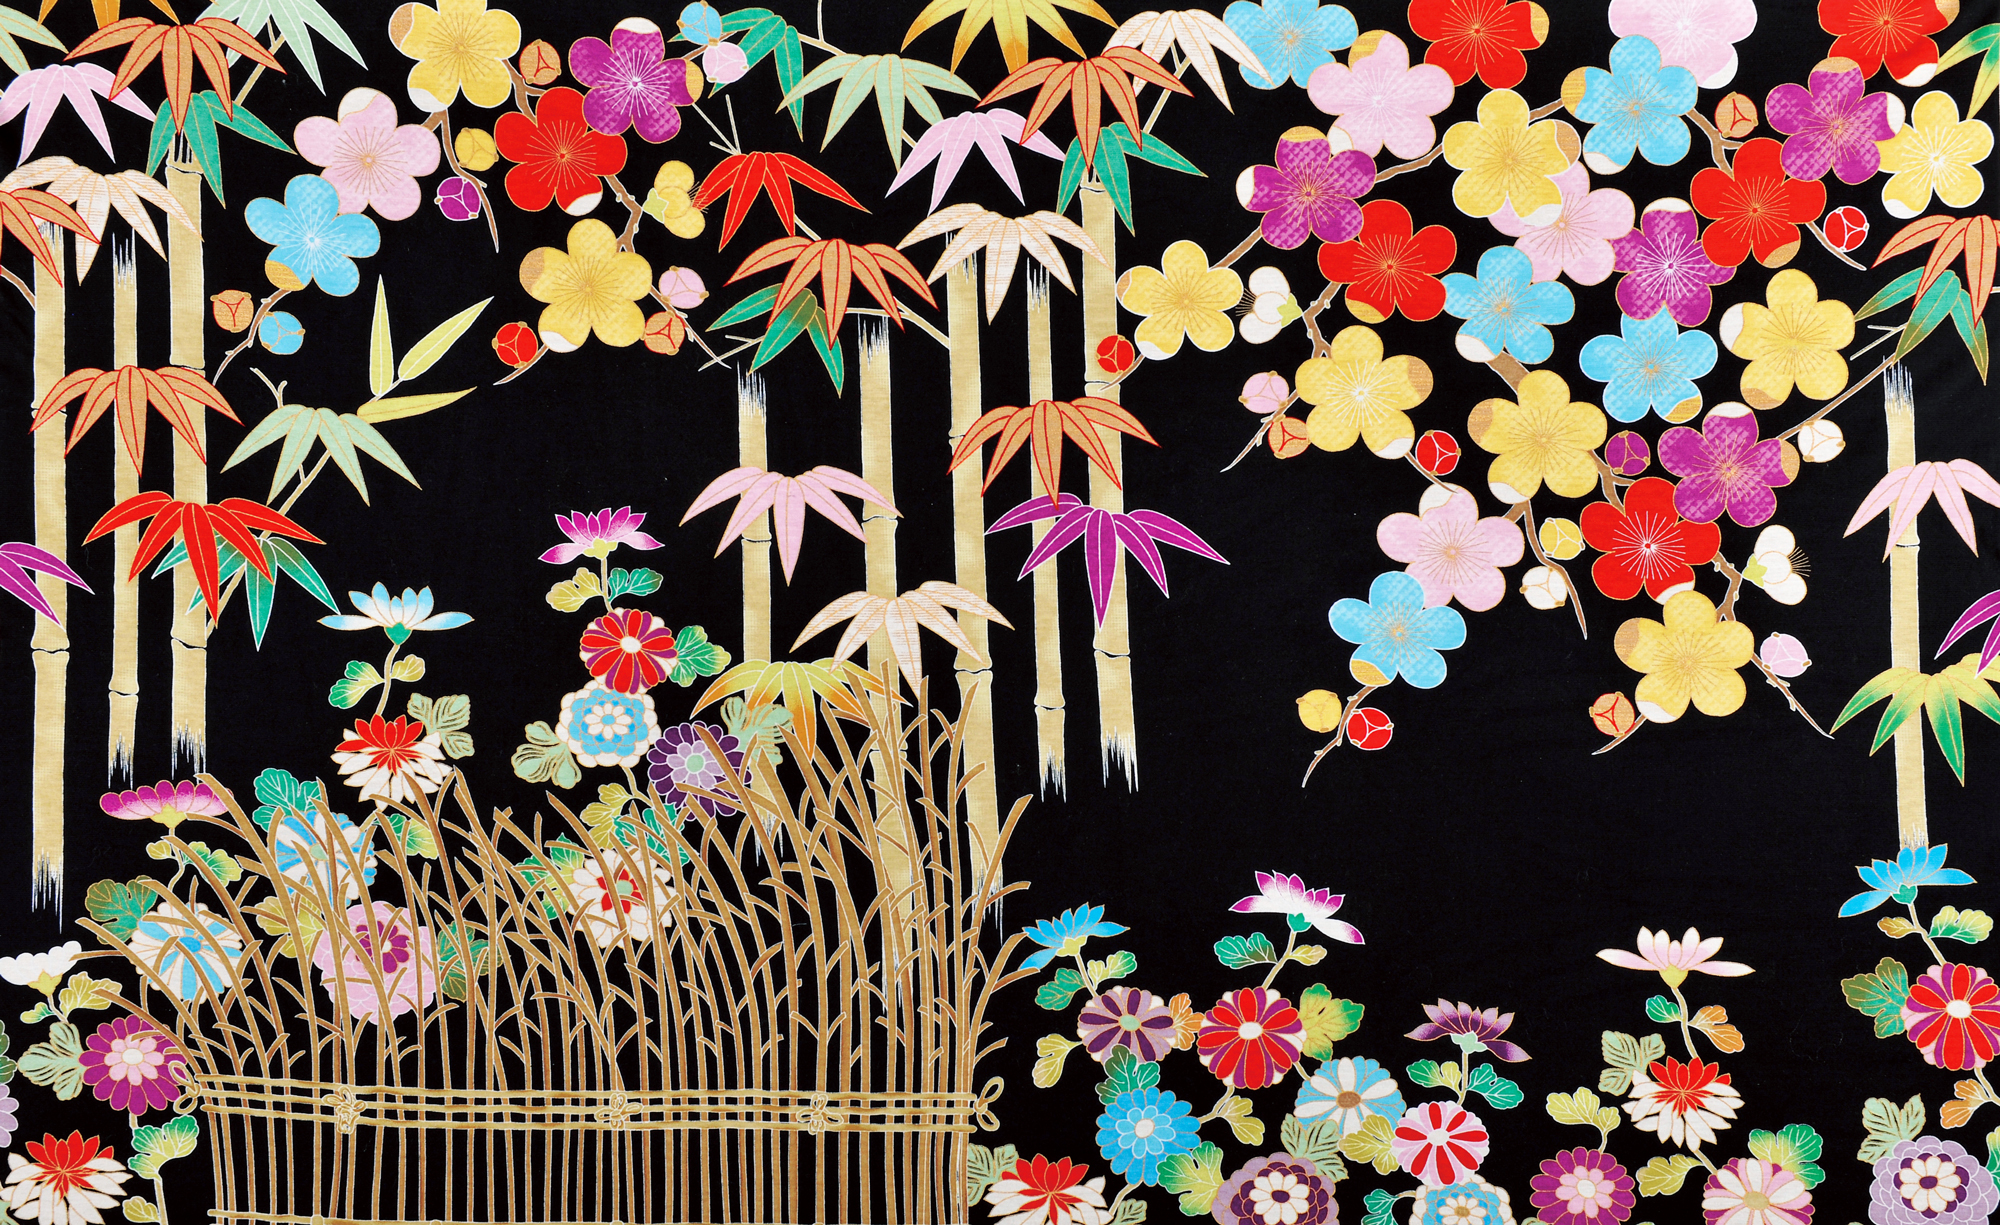 梅竹に菊籬